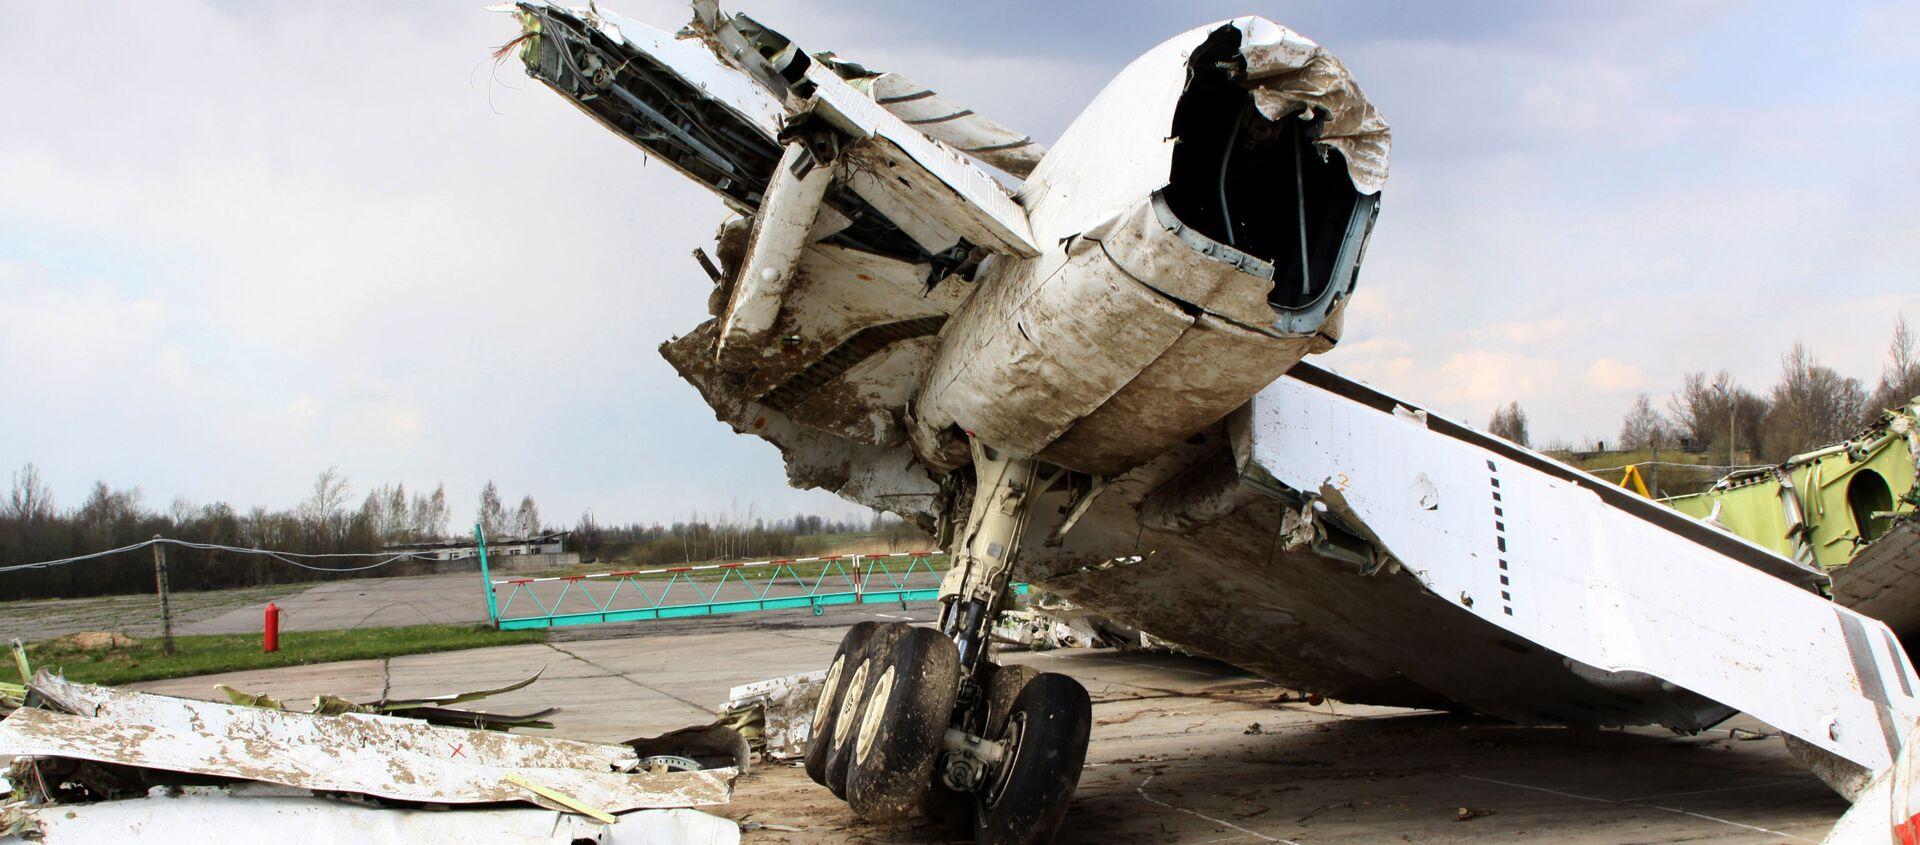 Wrak polskiego samolotu rządowego Tu-154 na chronionym terenie lotniska w Smoleńsku - Sputnik Polska, 1920, 24.02.2021